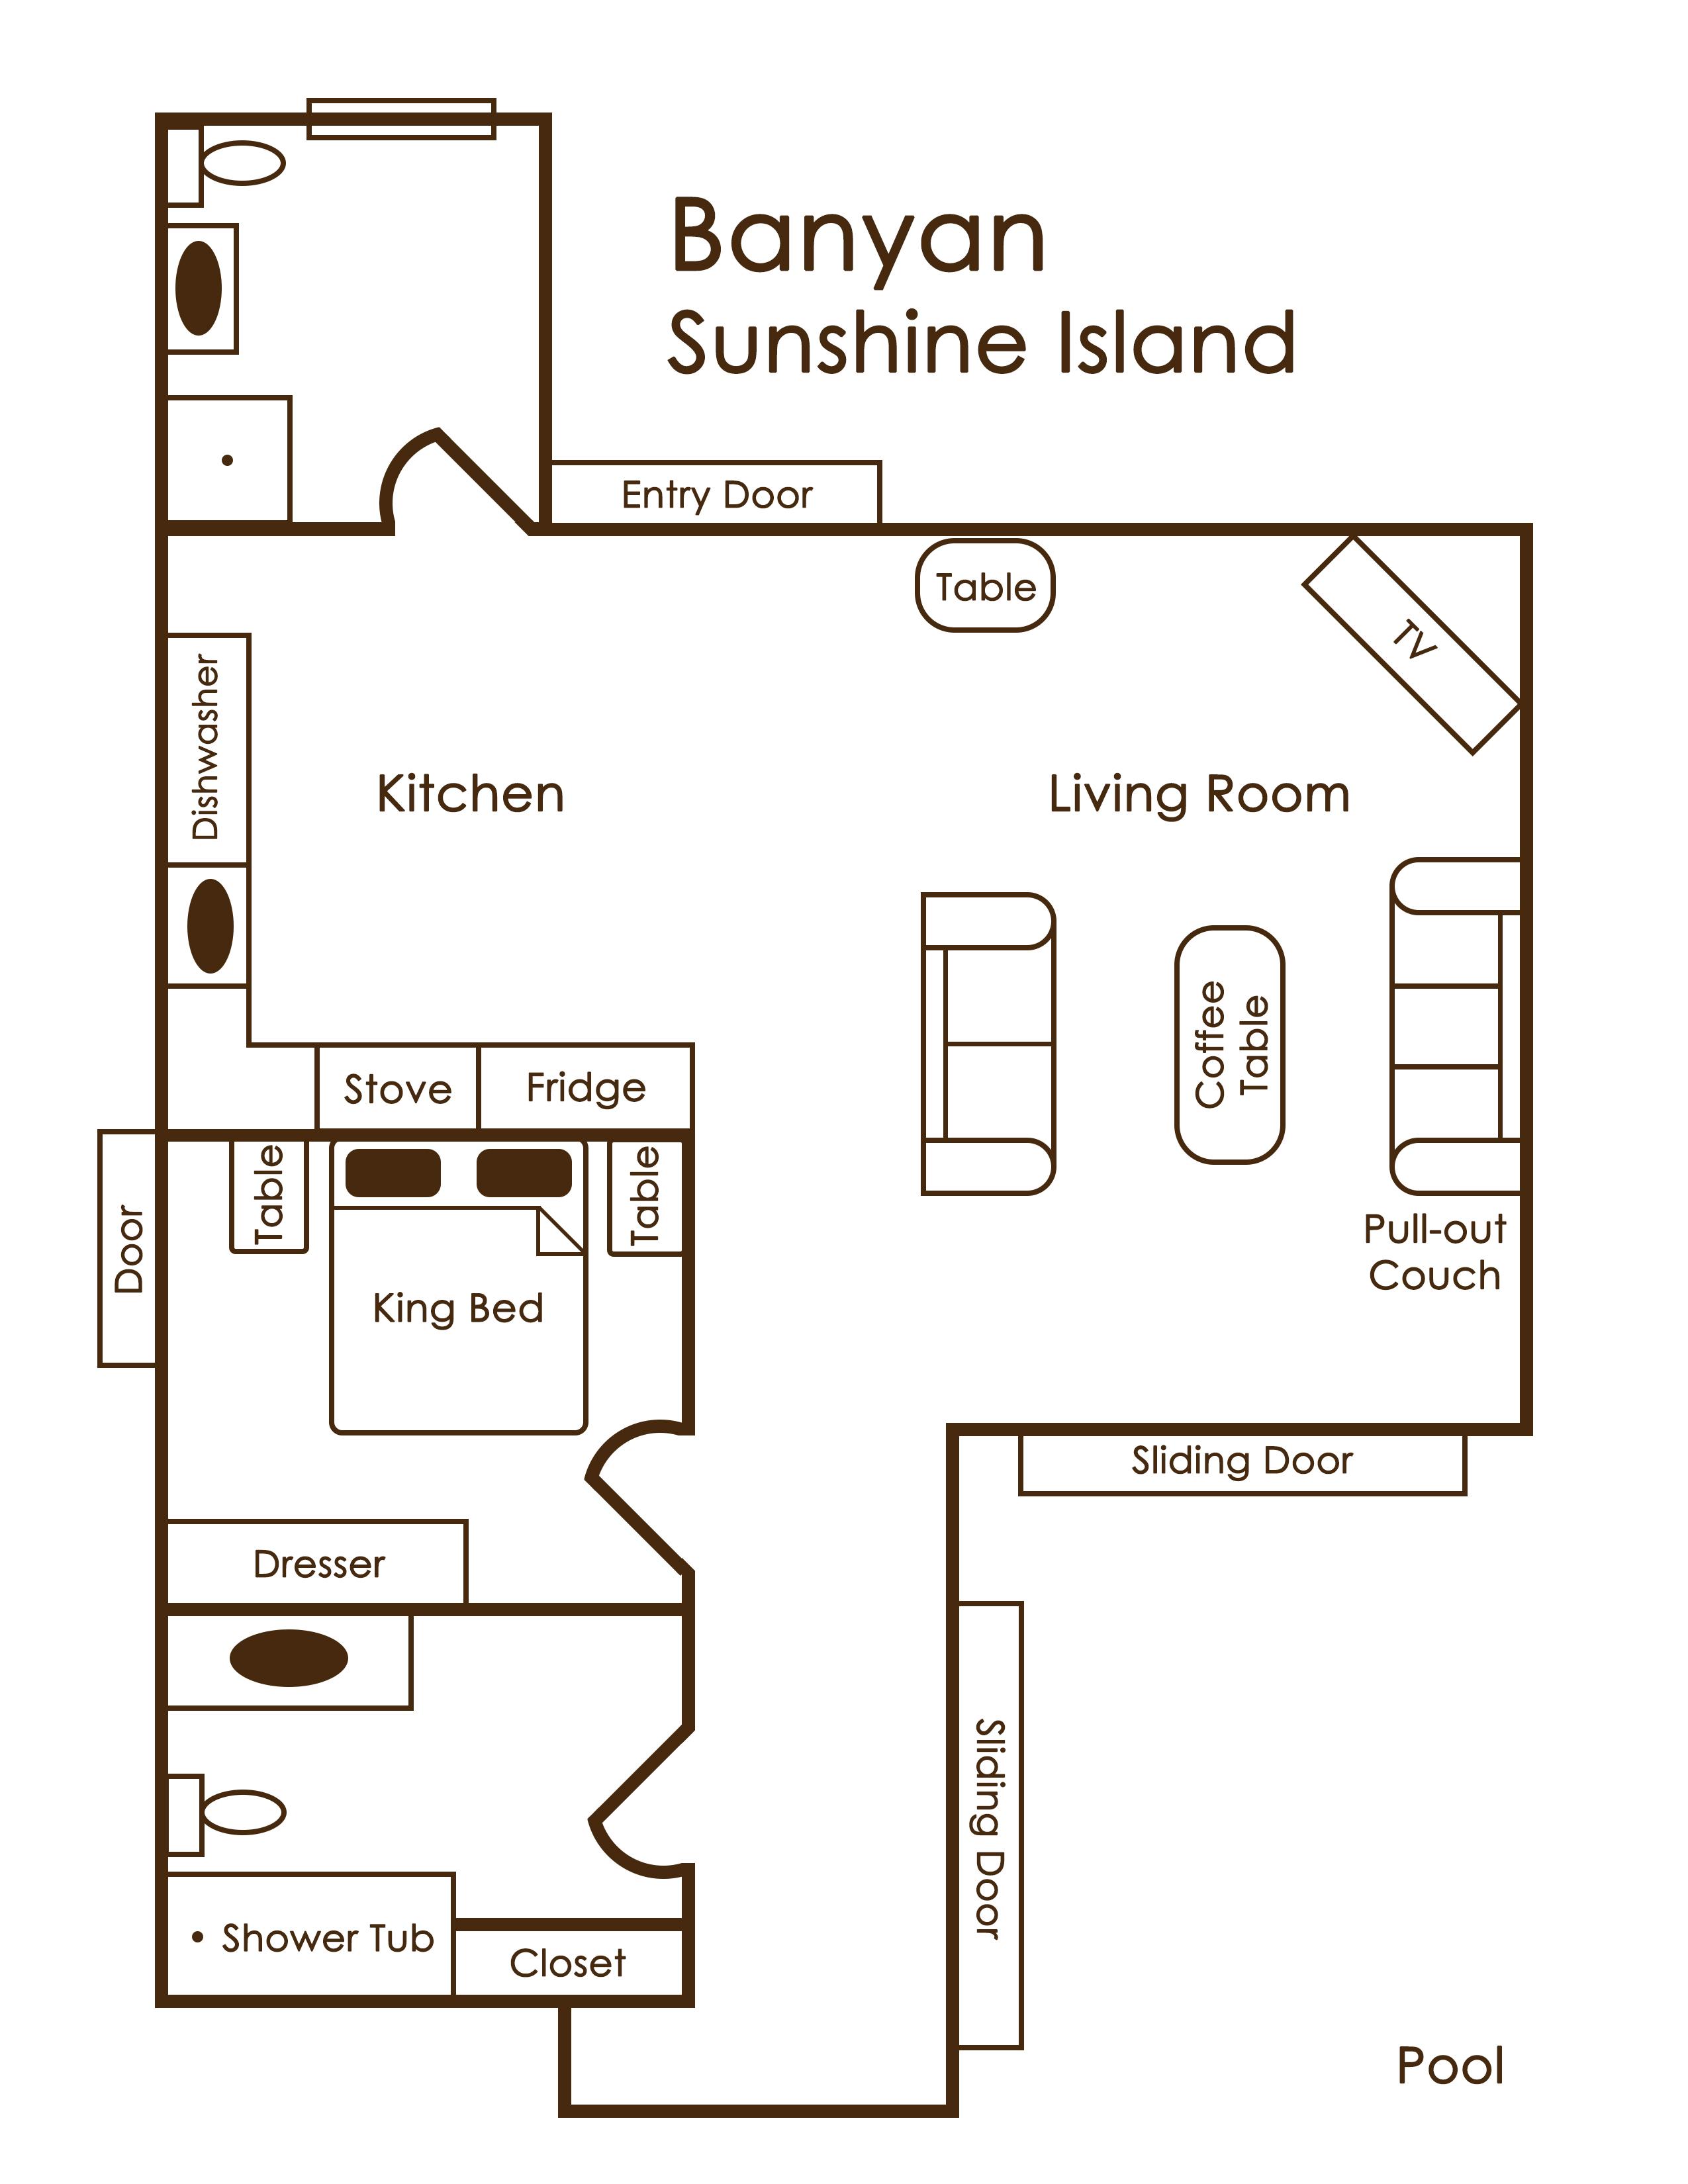 banyan sunshine Island